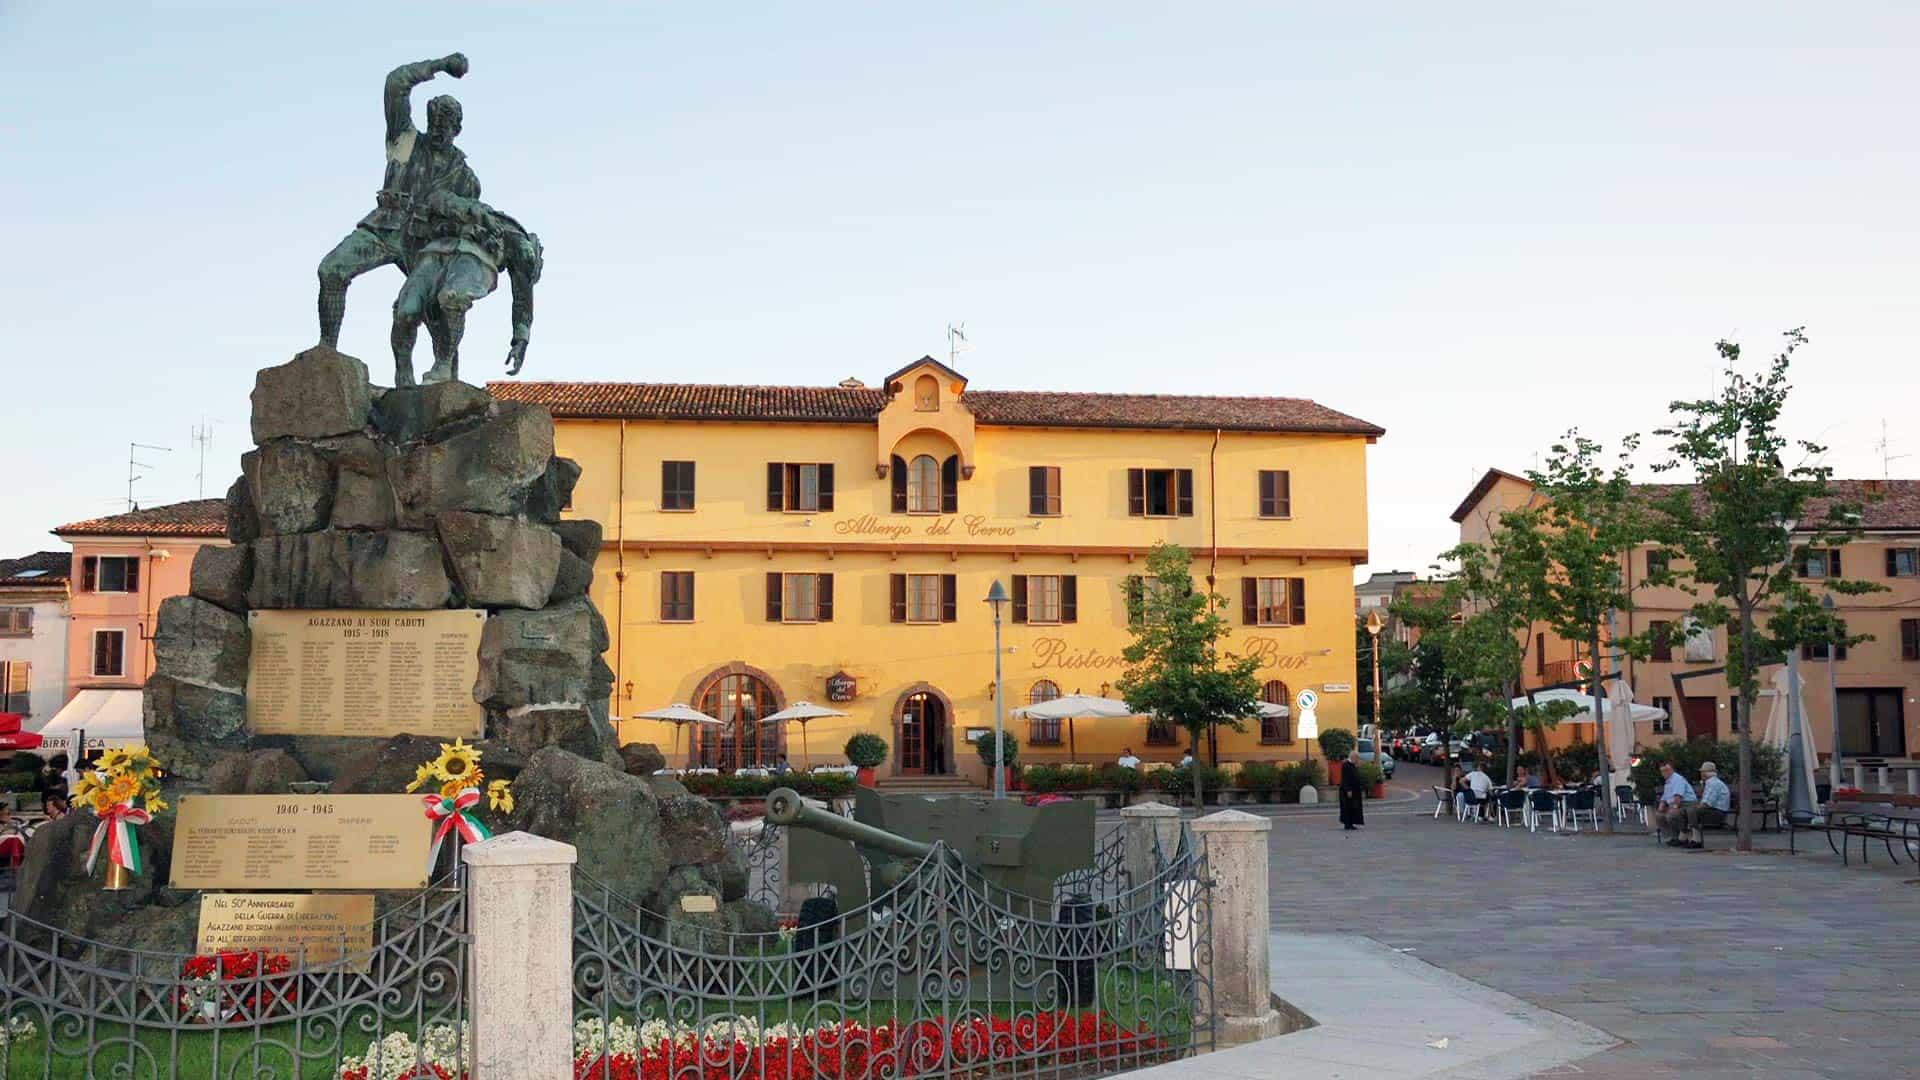 Albergo Ristorante Il Cervo Agazzano - Ristorante ad Agazzano - Hotel ad Agazzano